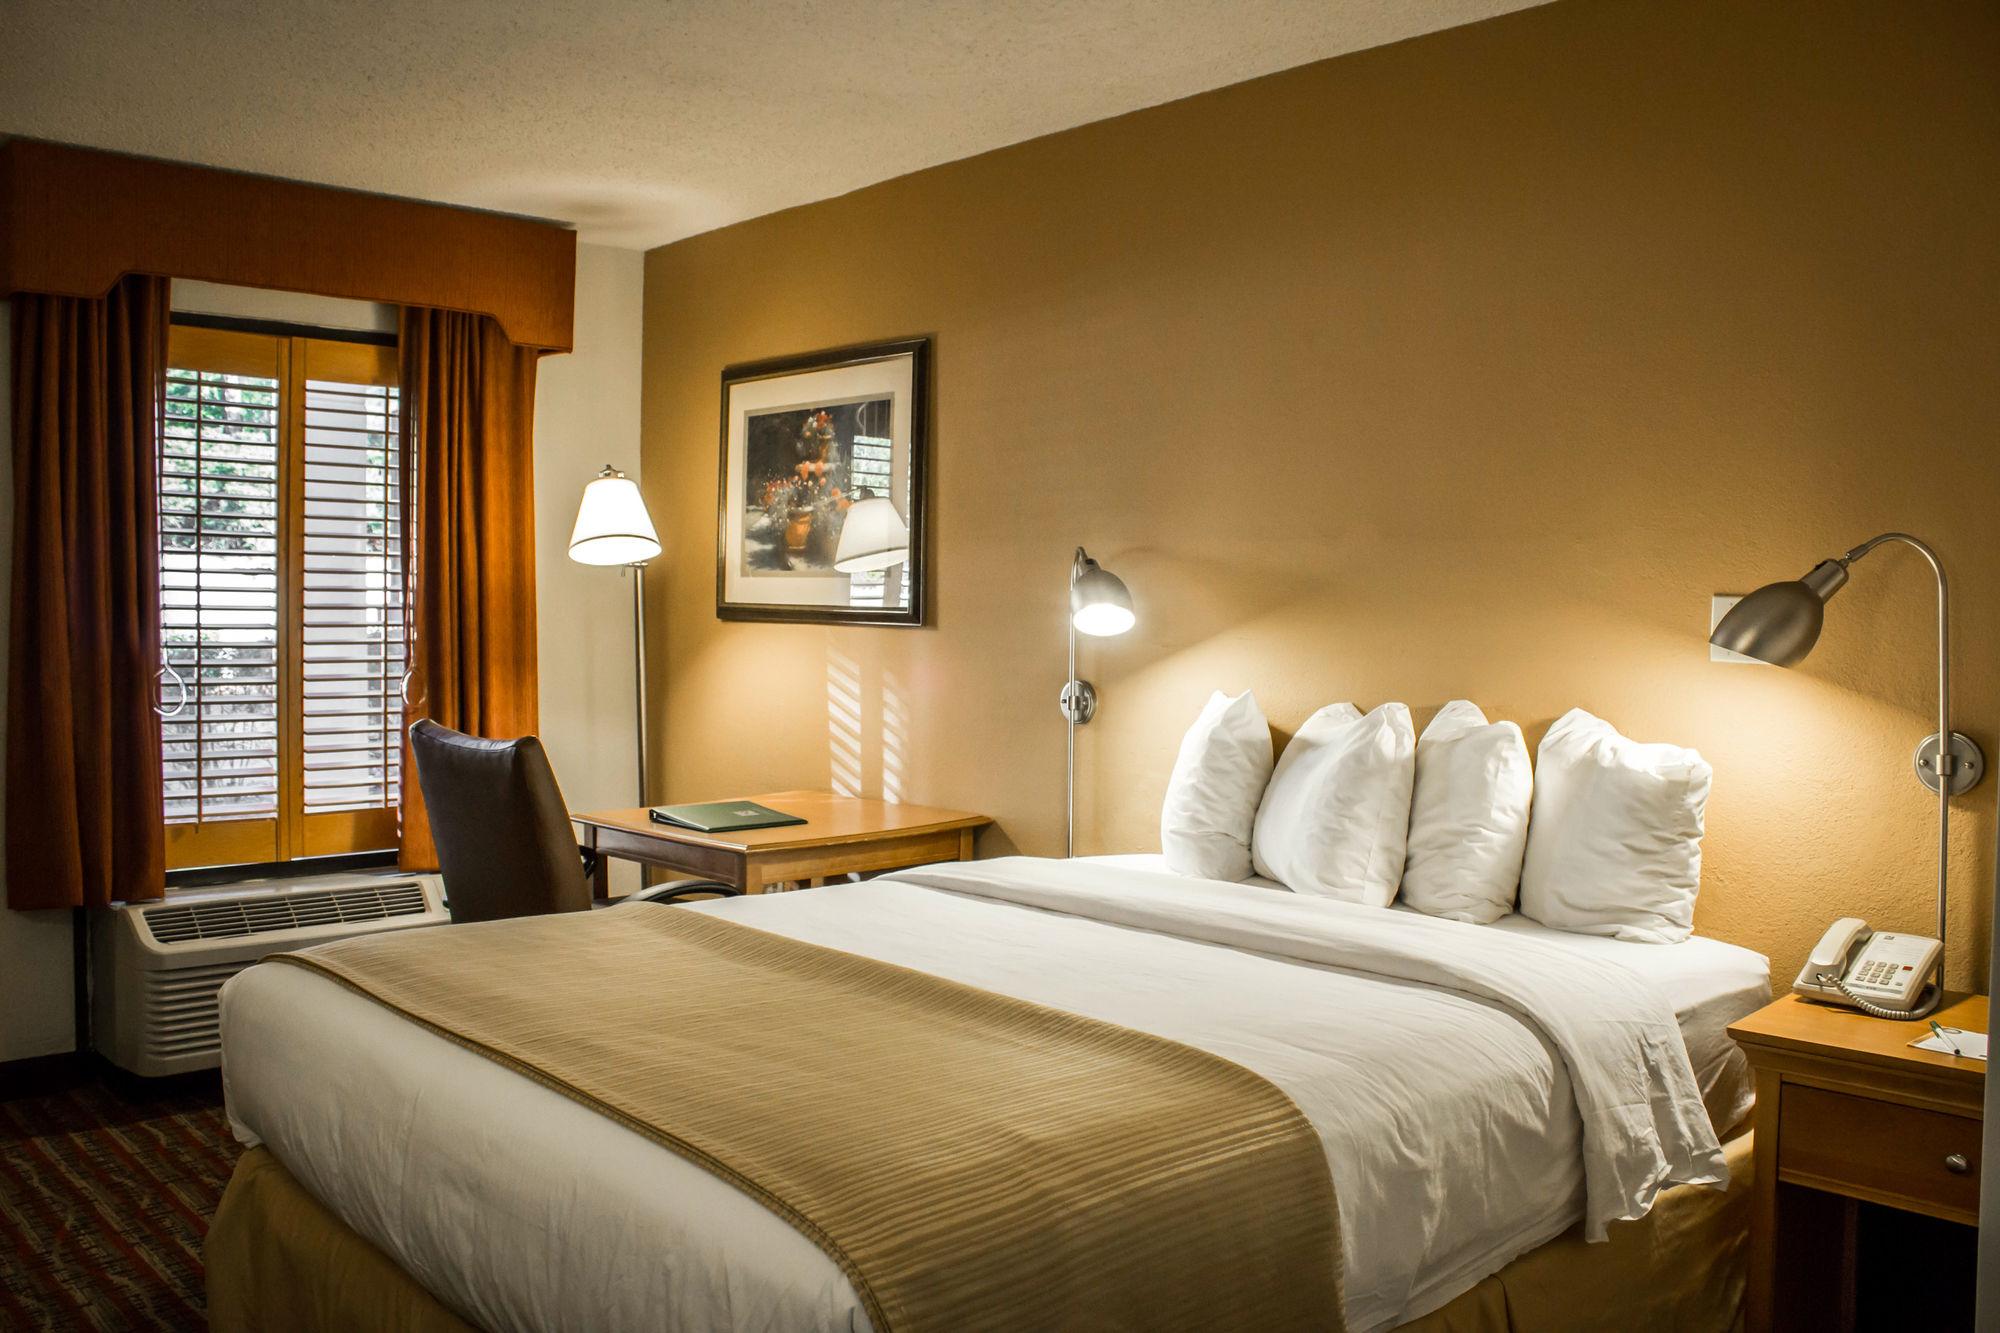 Quality Inn in Chapel Hill, NC